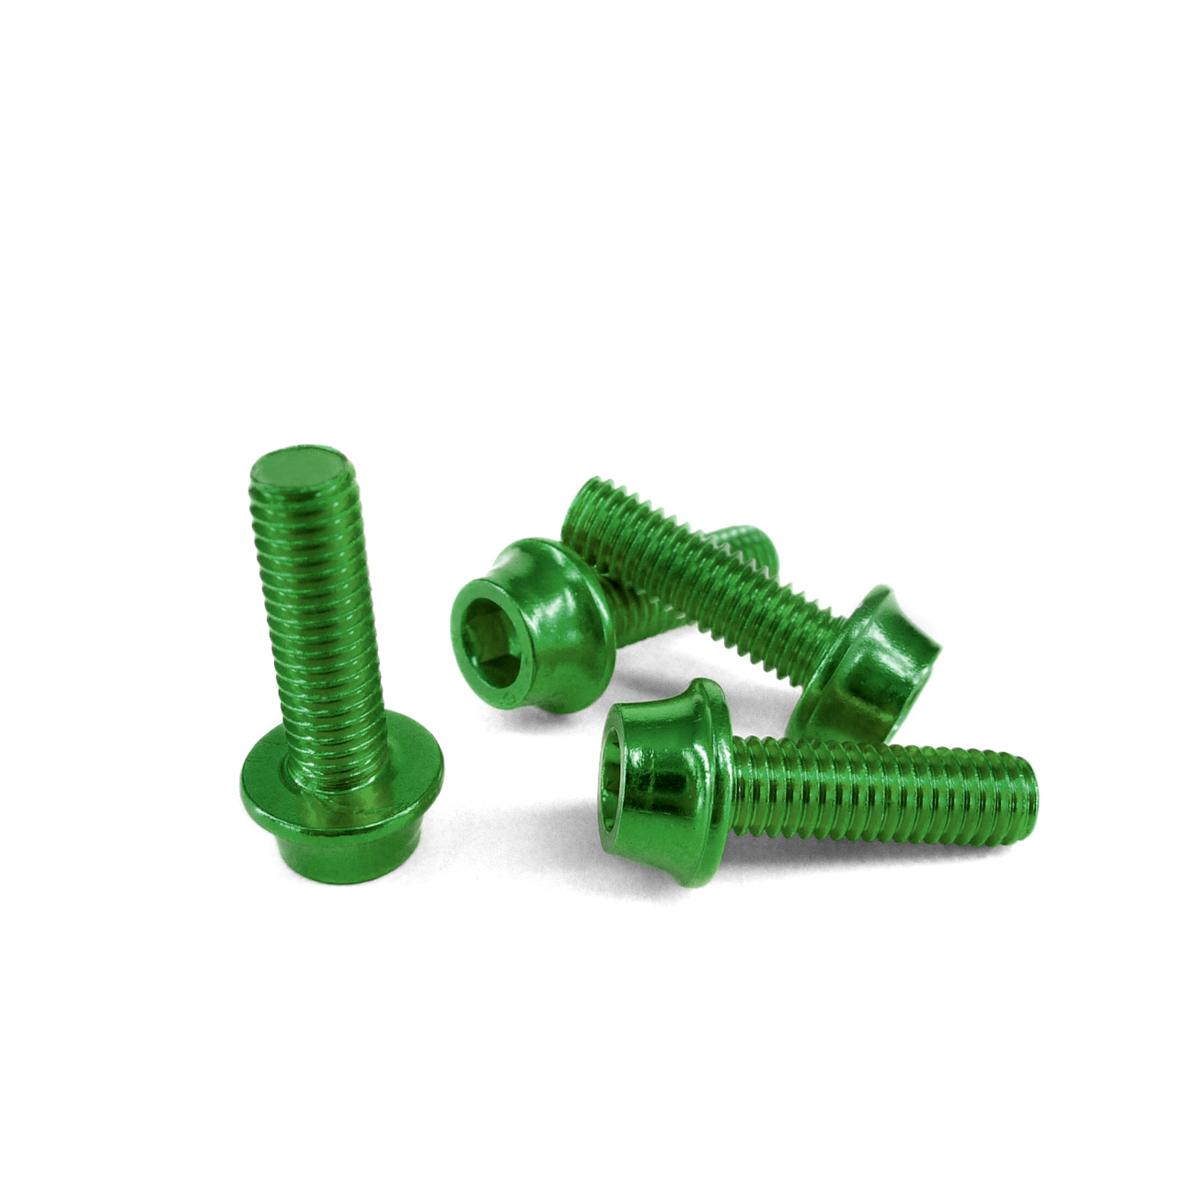 Vis porte-bidon Token aluminium 5x16 mm vert (jeu de 4 vis)